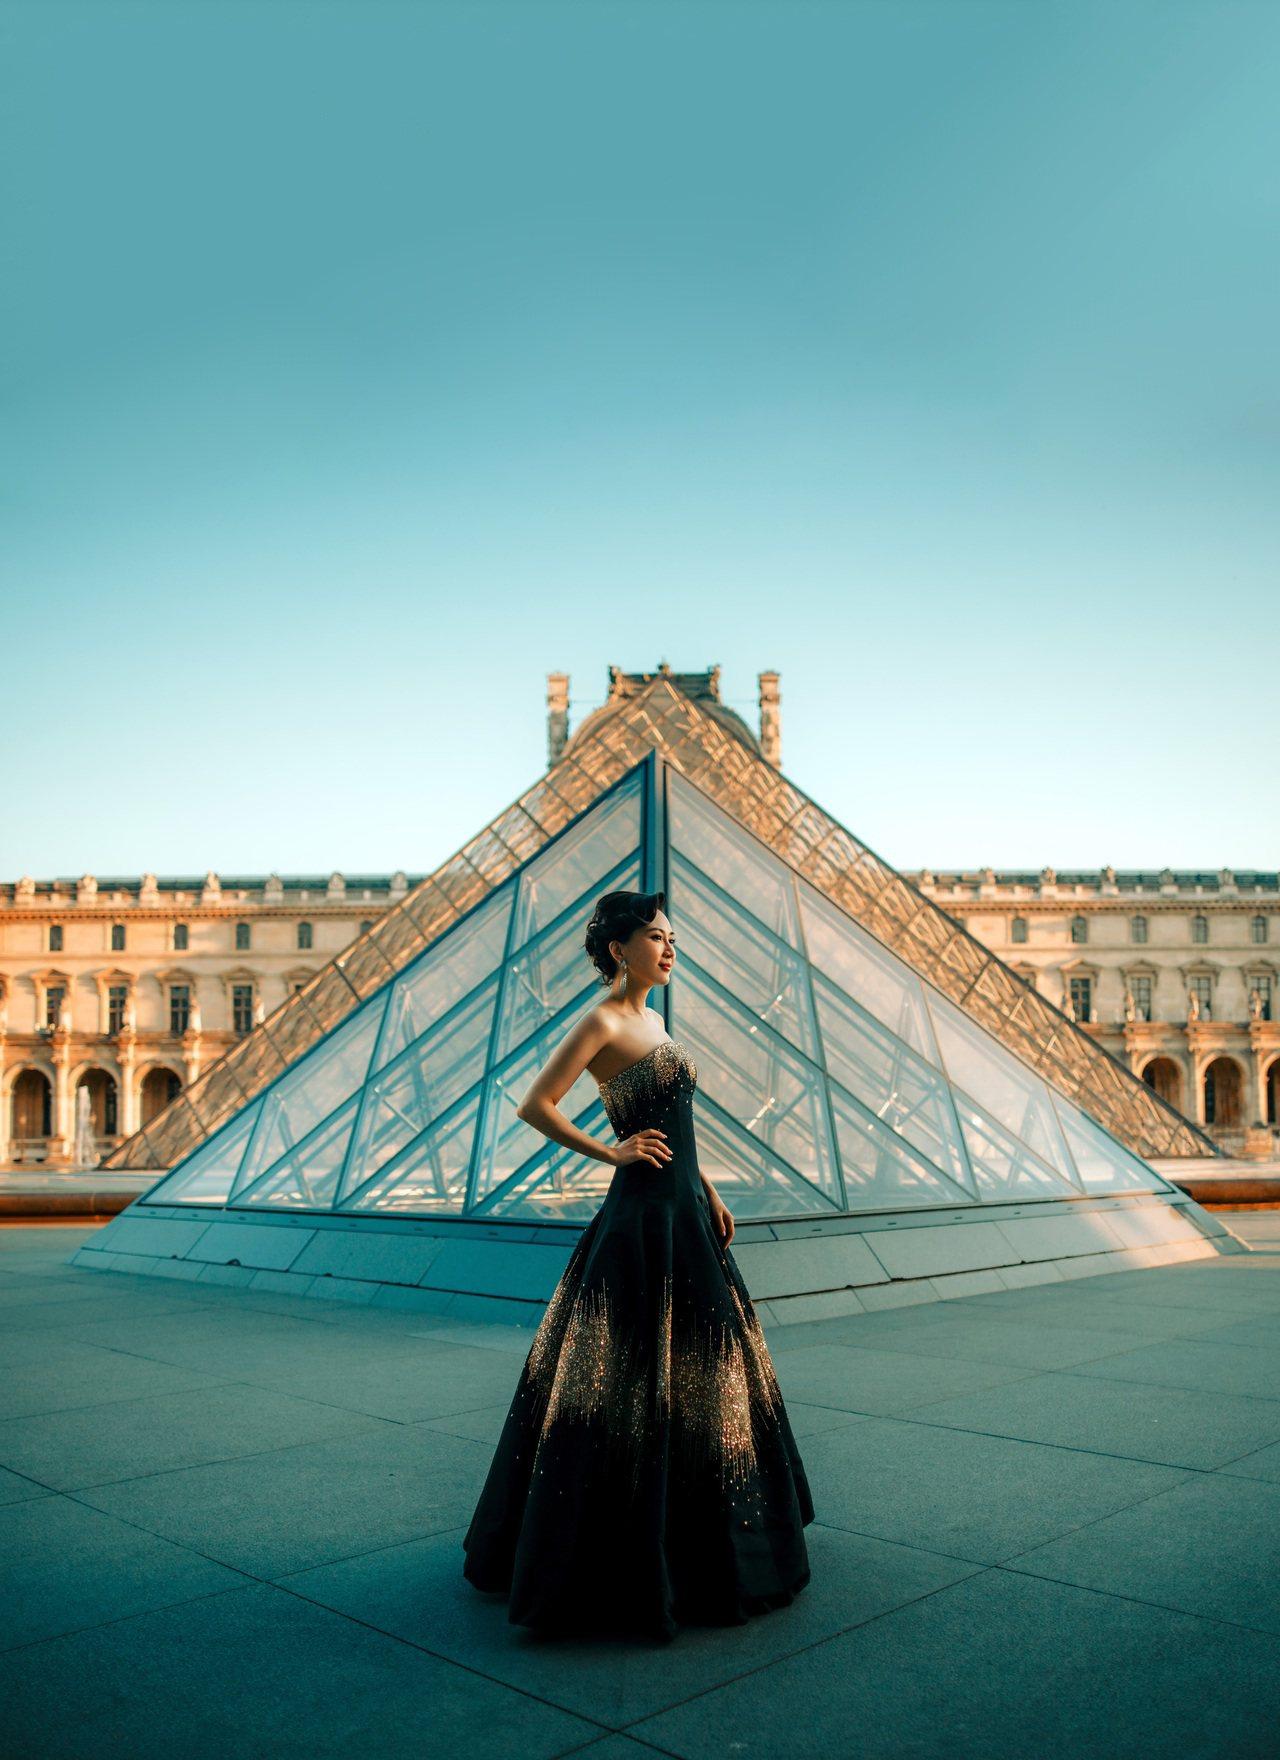 ANNA HU今年再度于巴黎高订时装周发全新音乐系列作品,并正式取得巴黎高订公会...